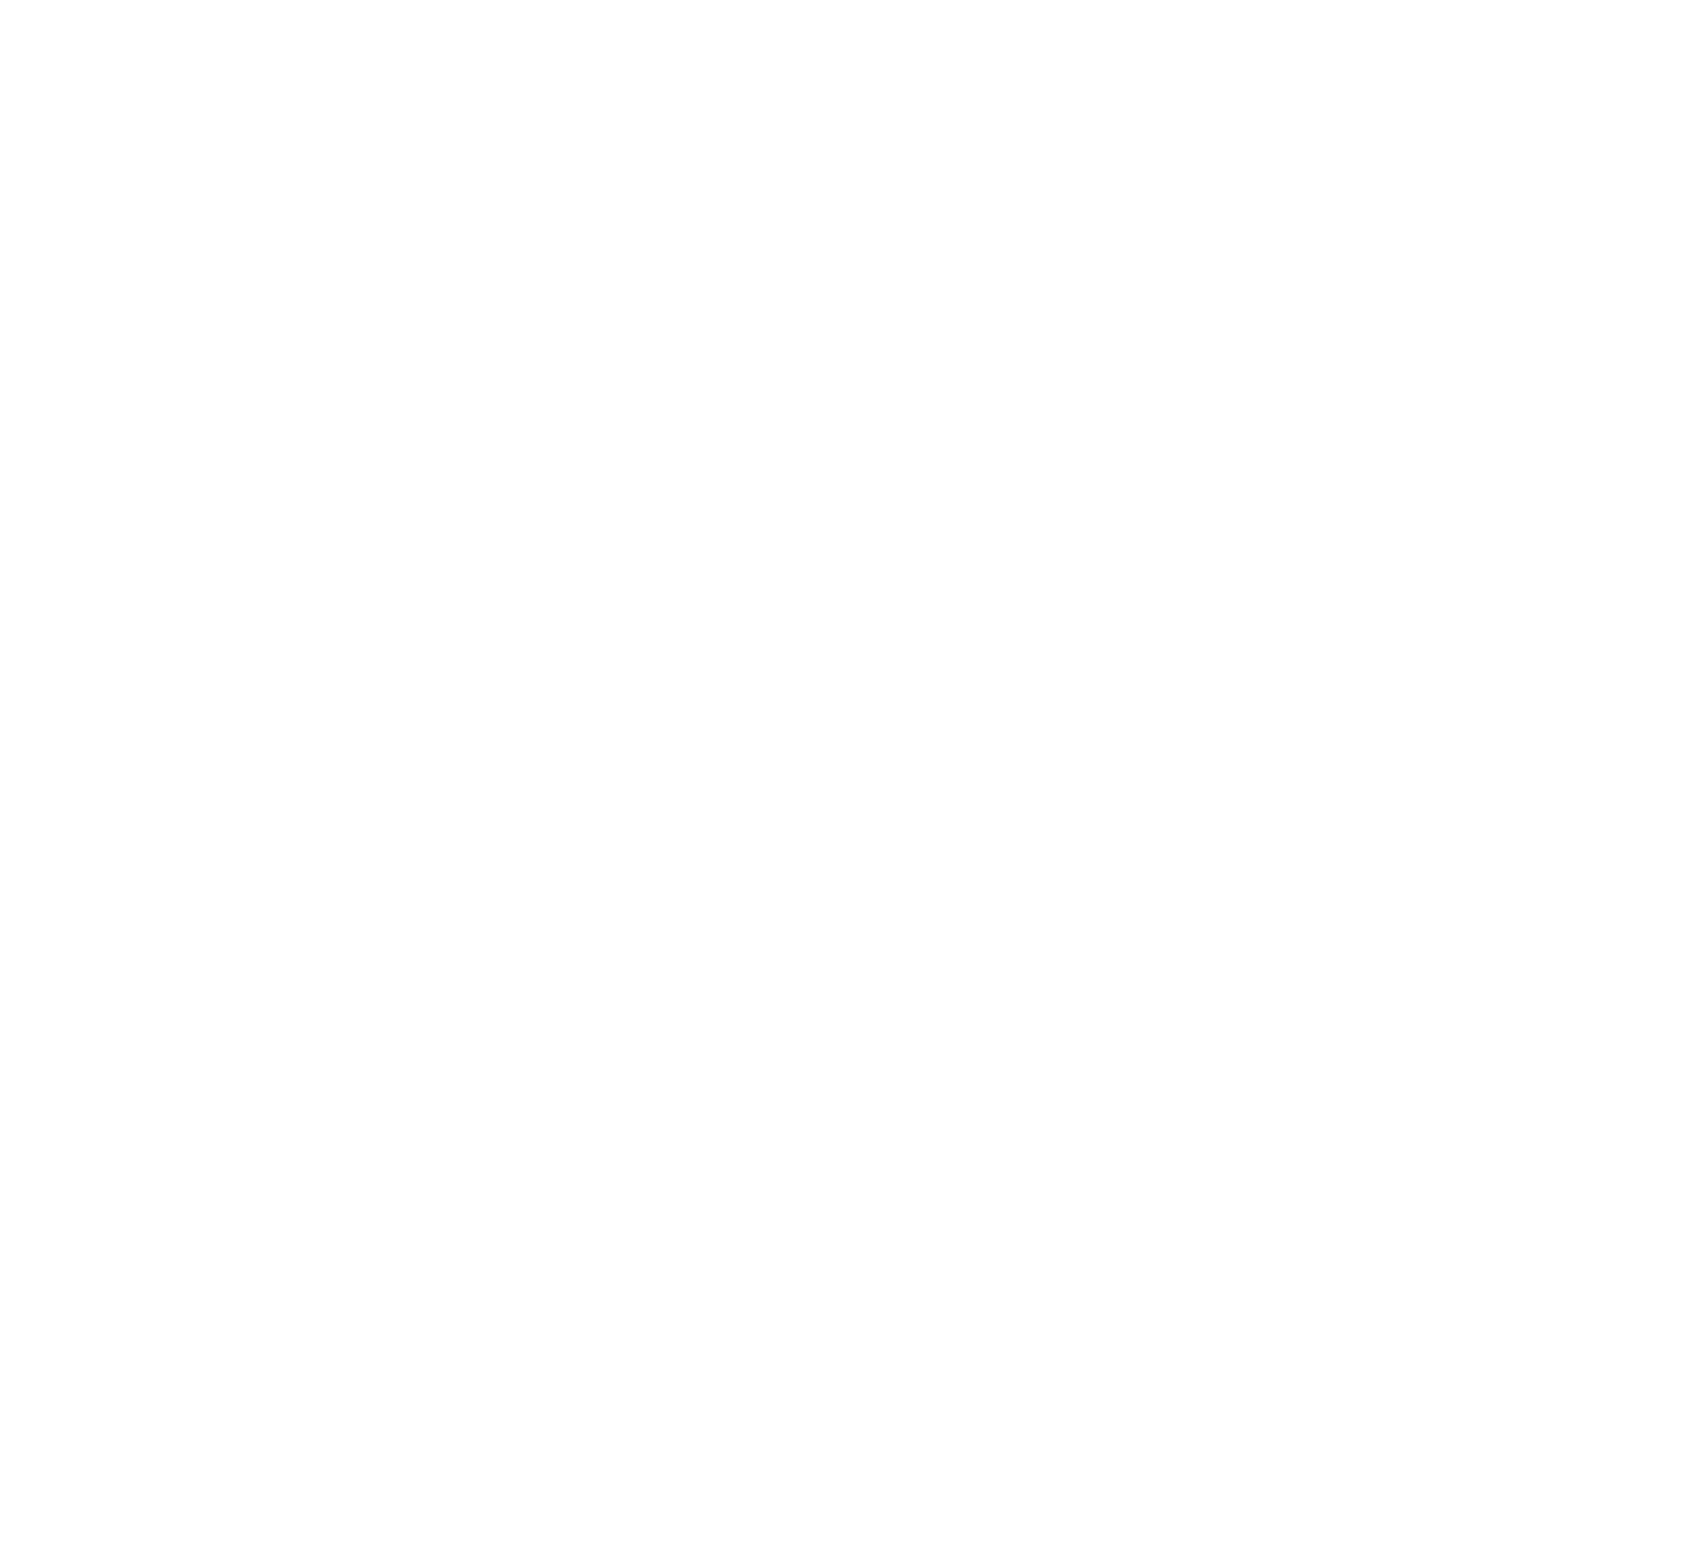 FUNDACION ETICA Y NACION